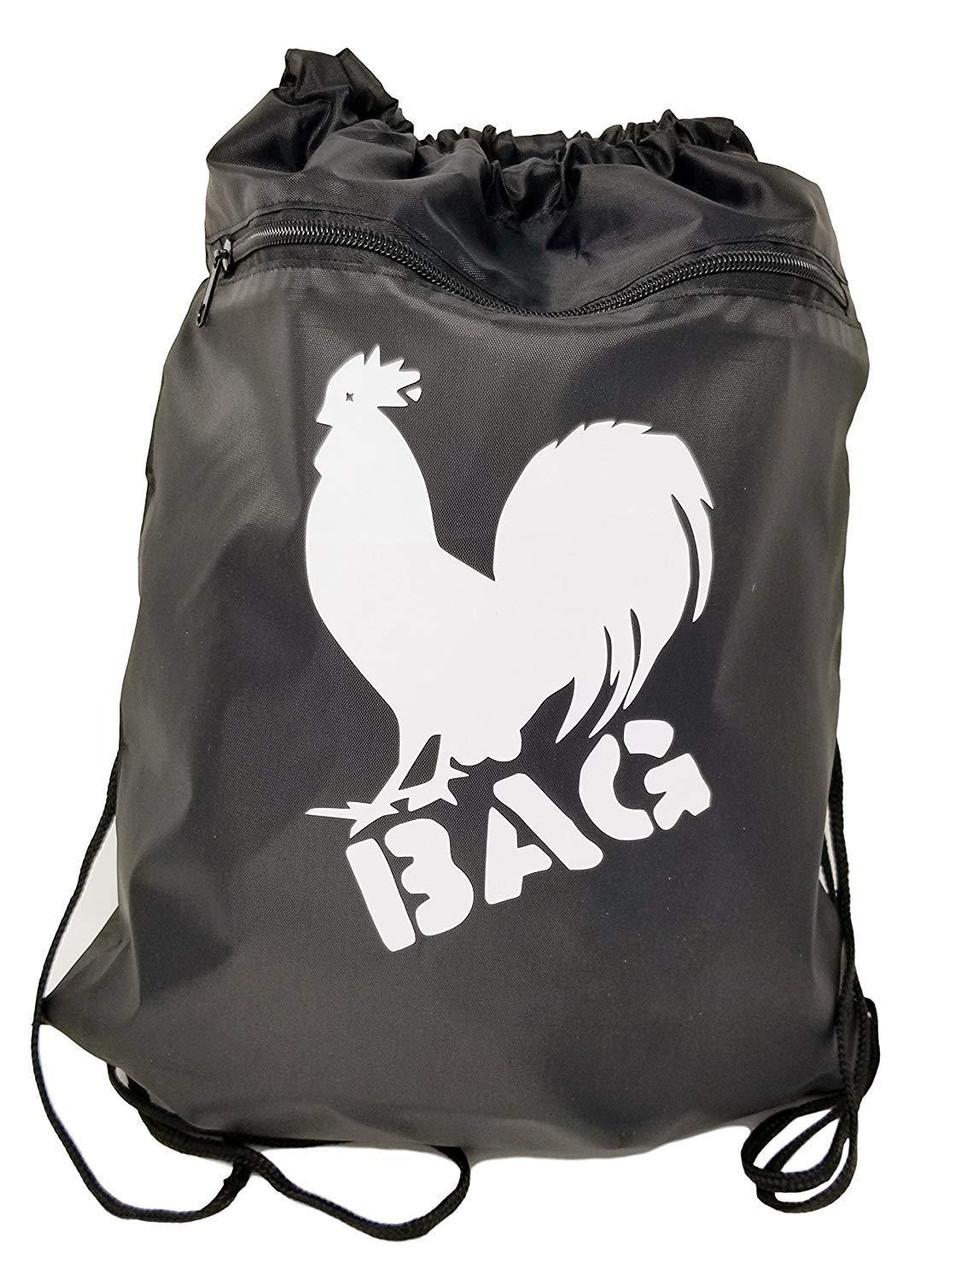 Cock Bag Backpack Duffel Sack Drawstring Closure & Tote